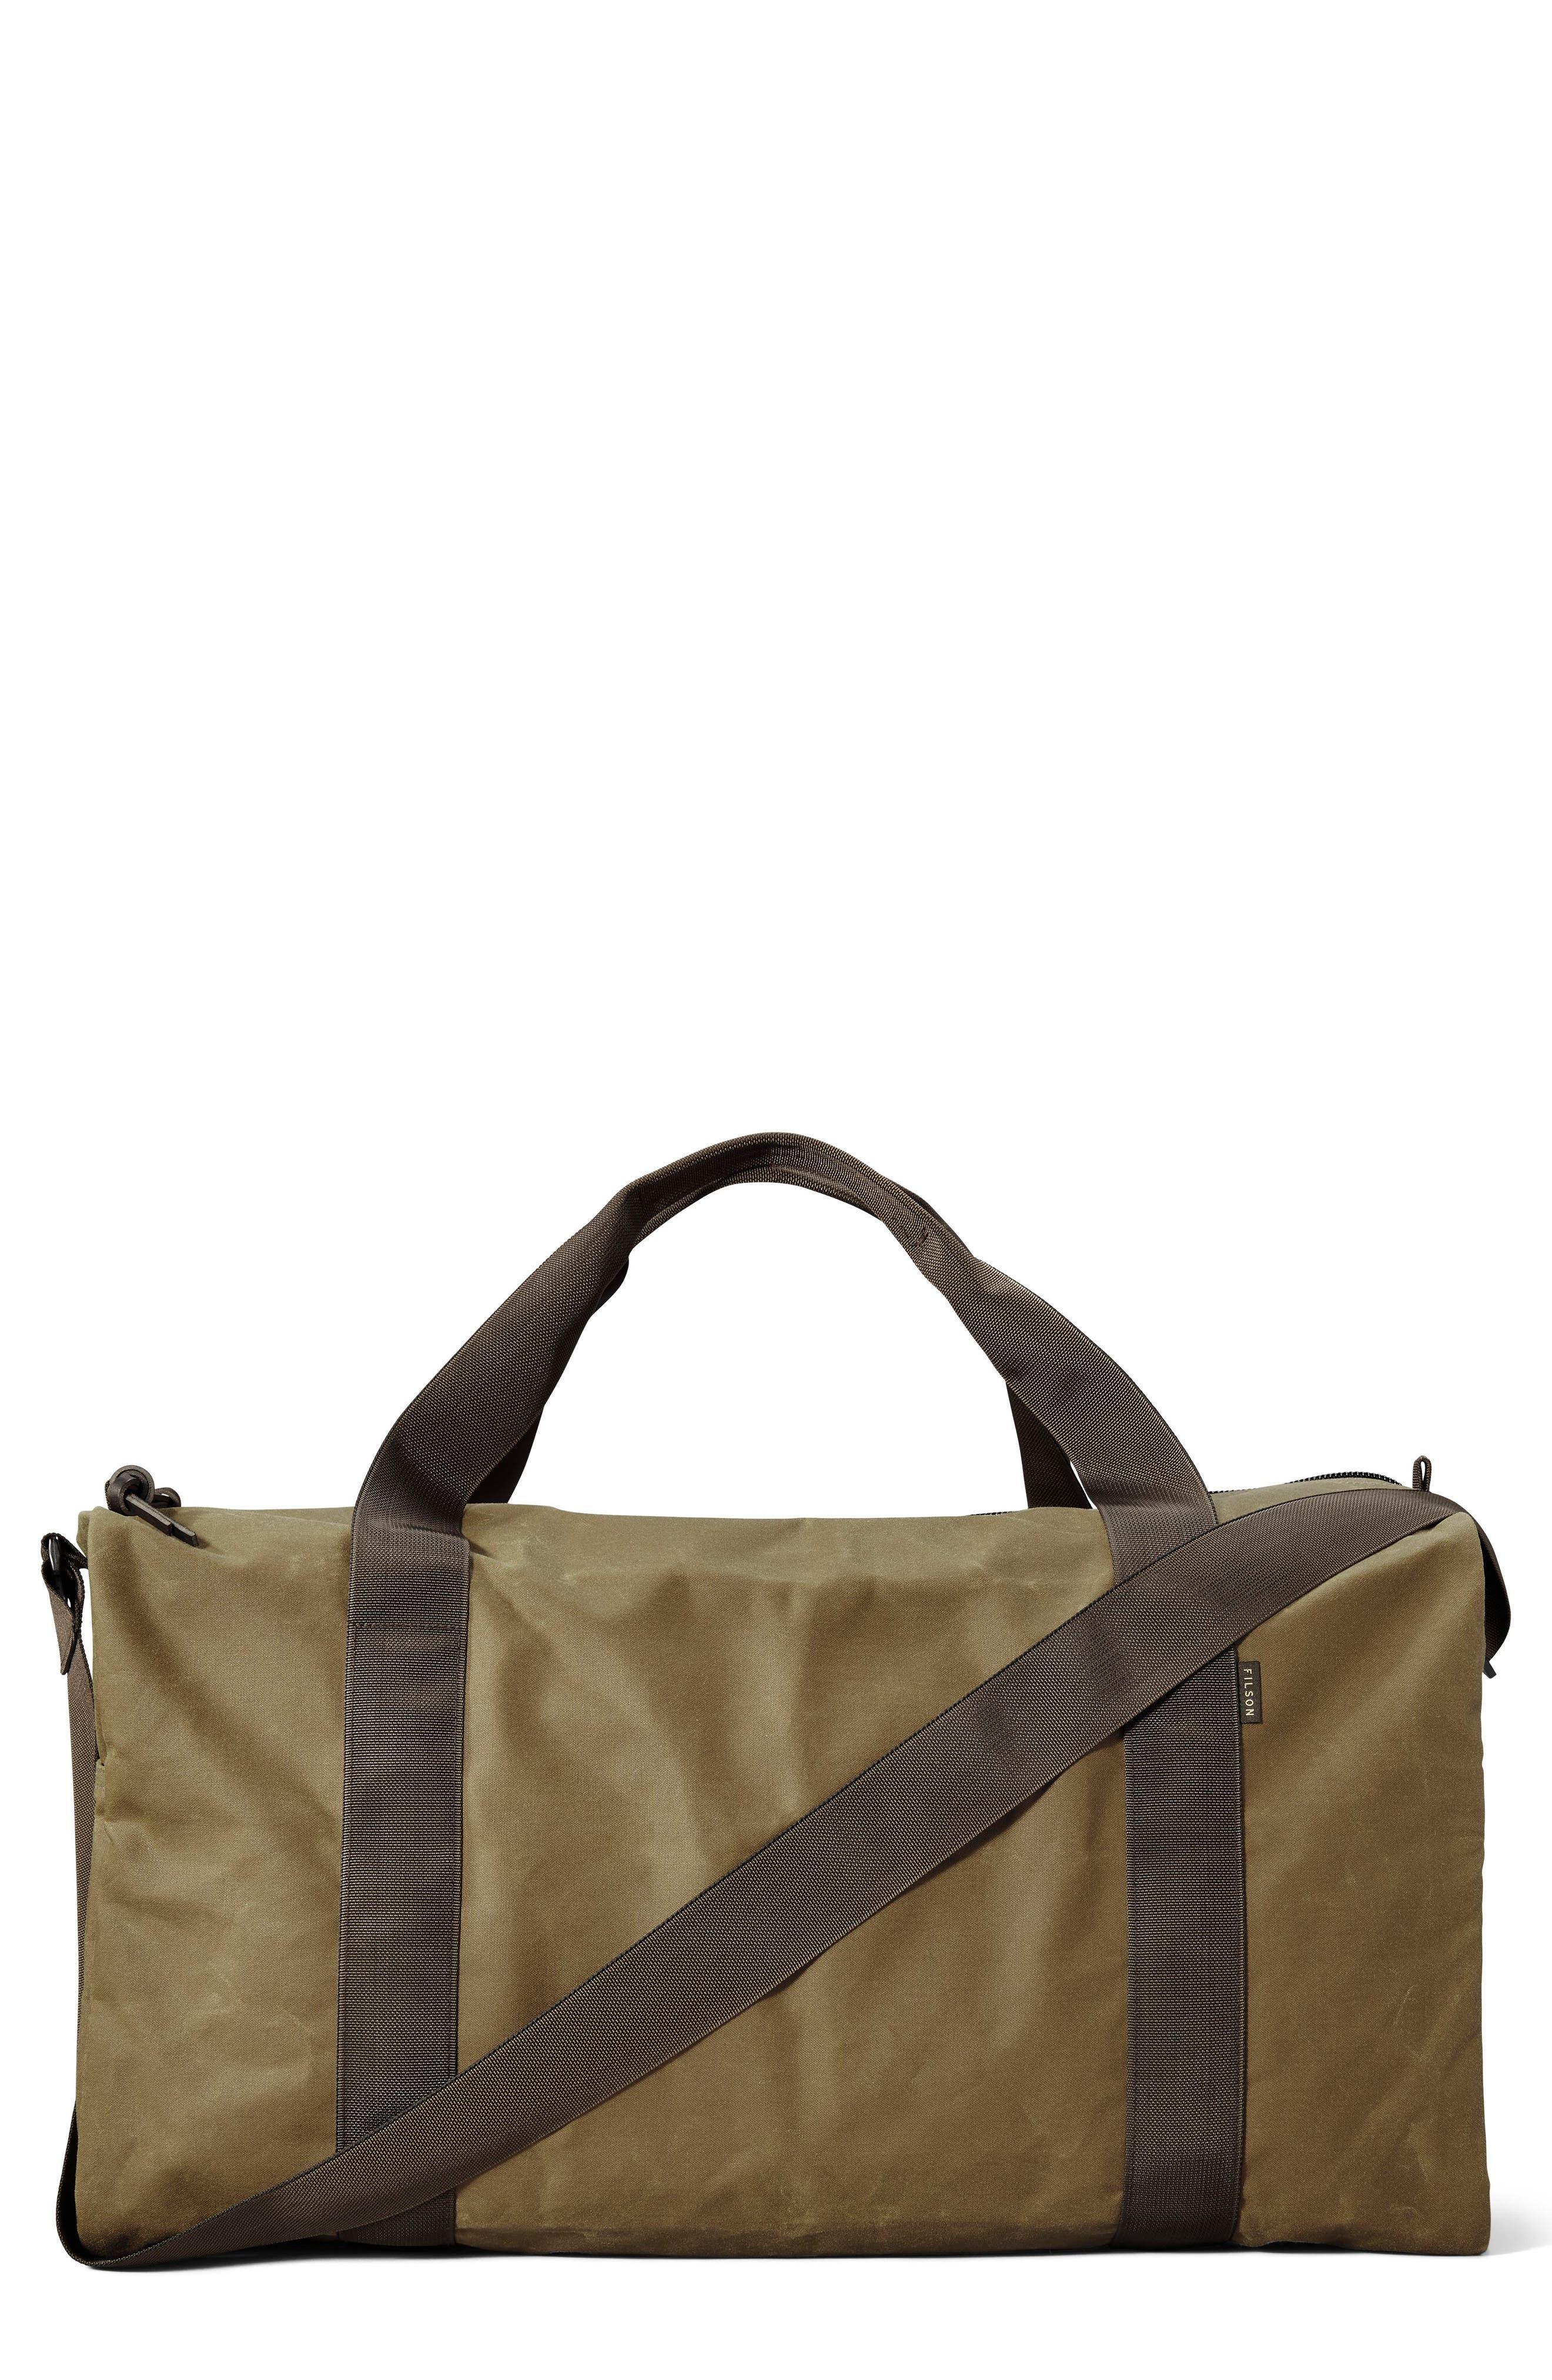 Medium Field Duffel Bag,                         Main,                         color, DARK TAN